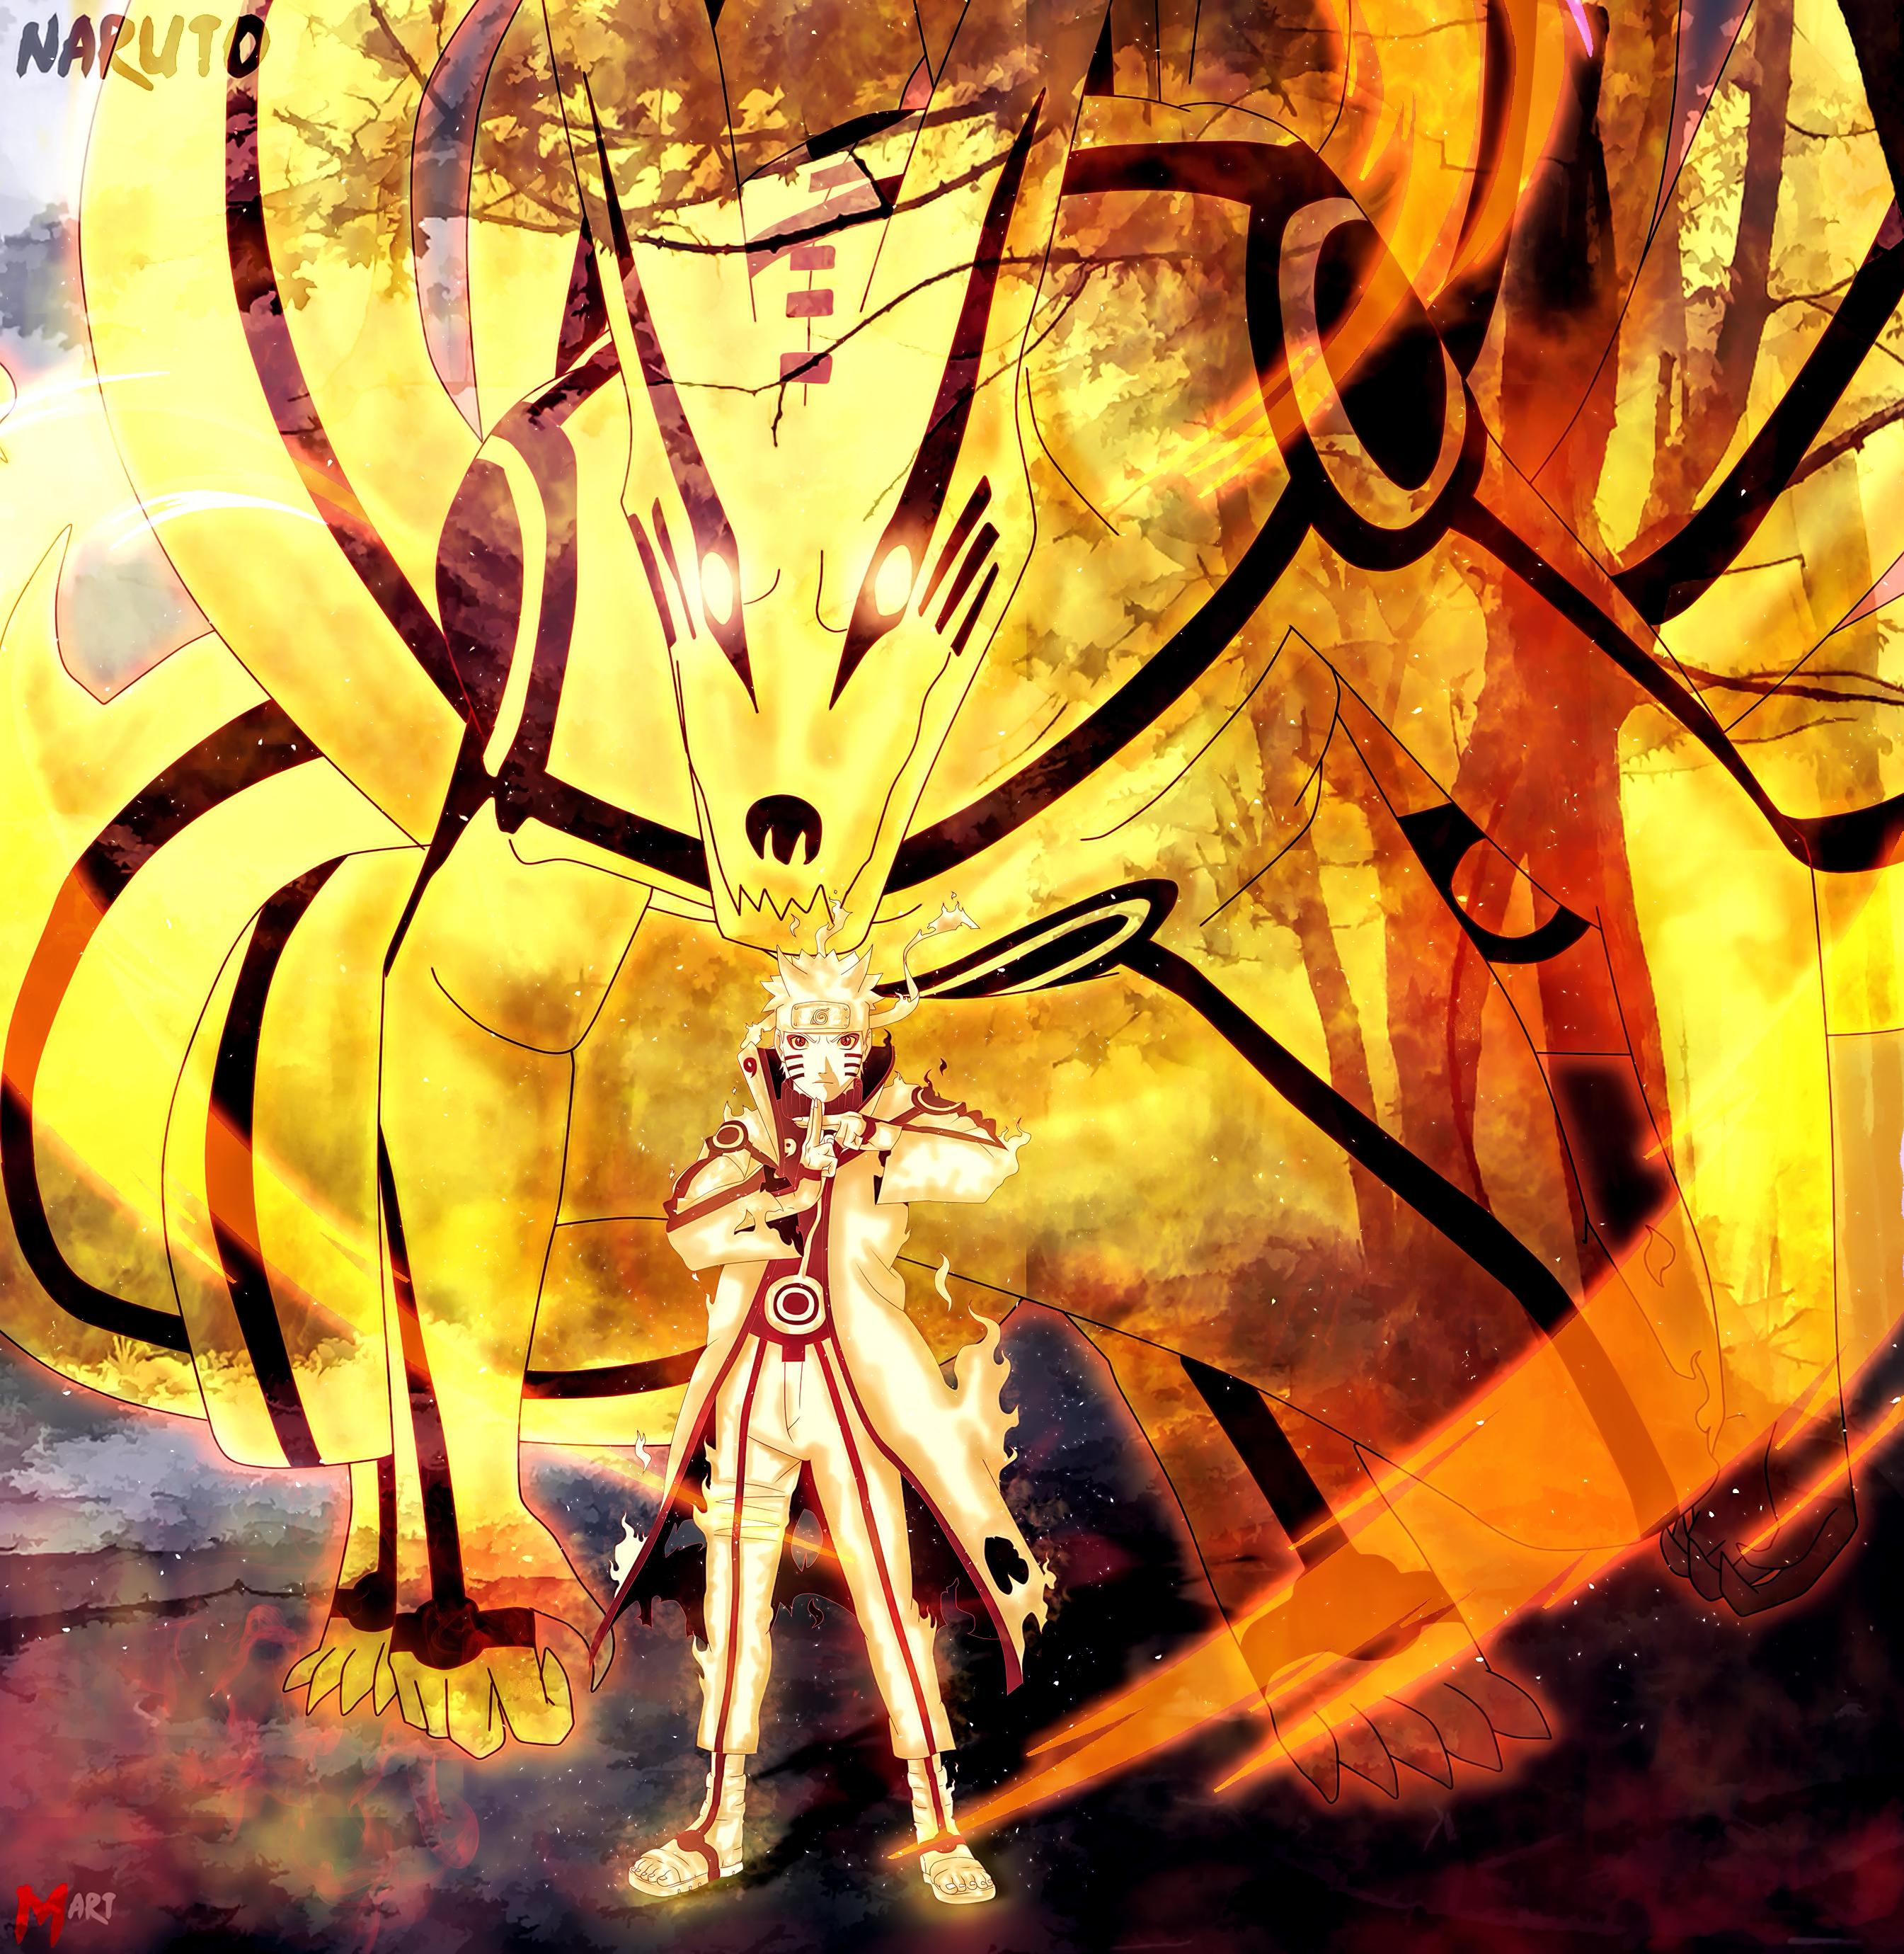 Naruto Wallpaper Naruto Sage Naruto Kurama